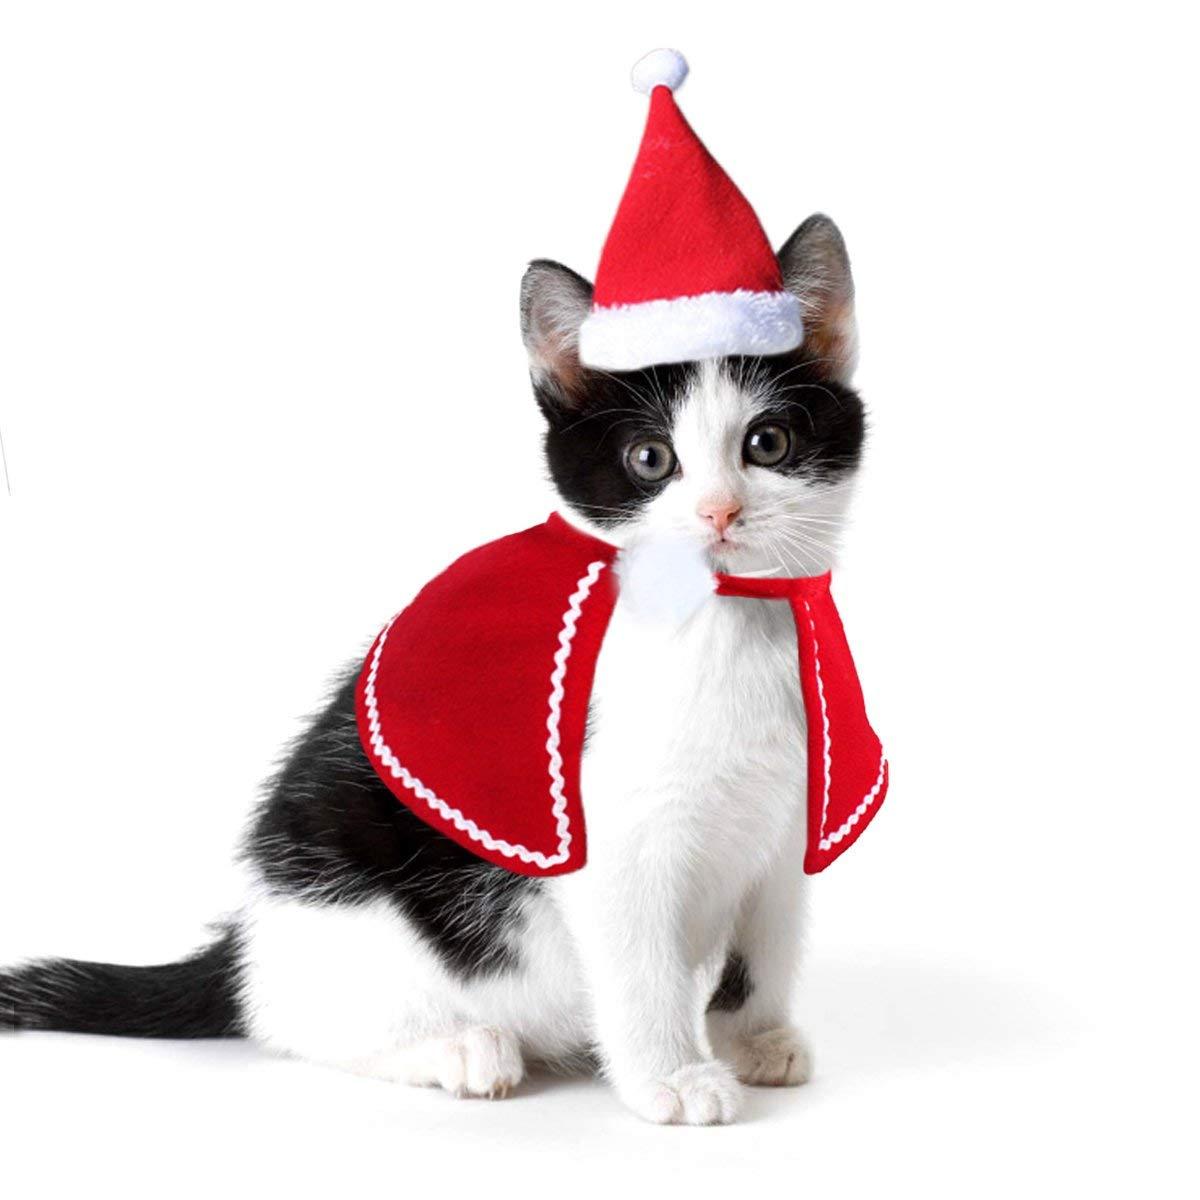 Perro gato tapas Pet Santa sombrero de cumpleaños, bufanda y Collar con lazo corbata traje de Navidad para cachorro gatito pequeño gatos, perros, mascotas accesorios